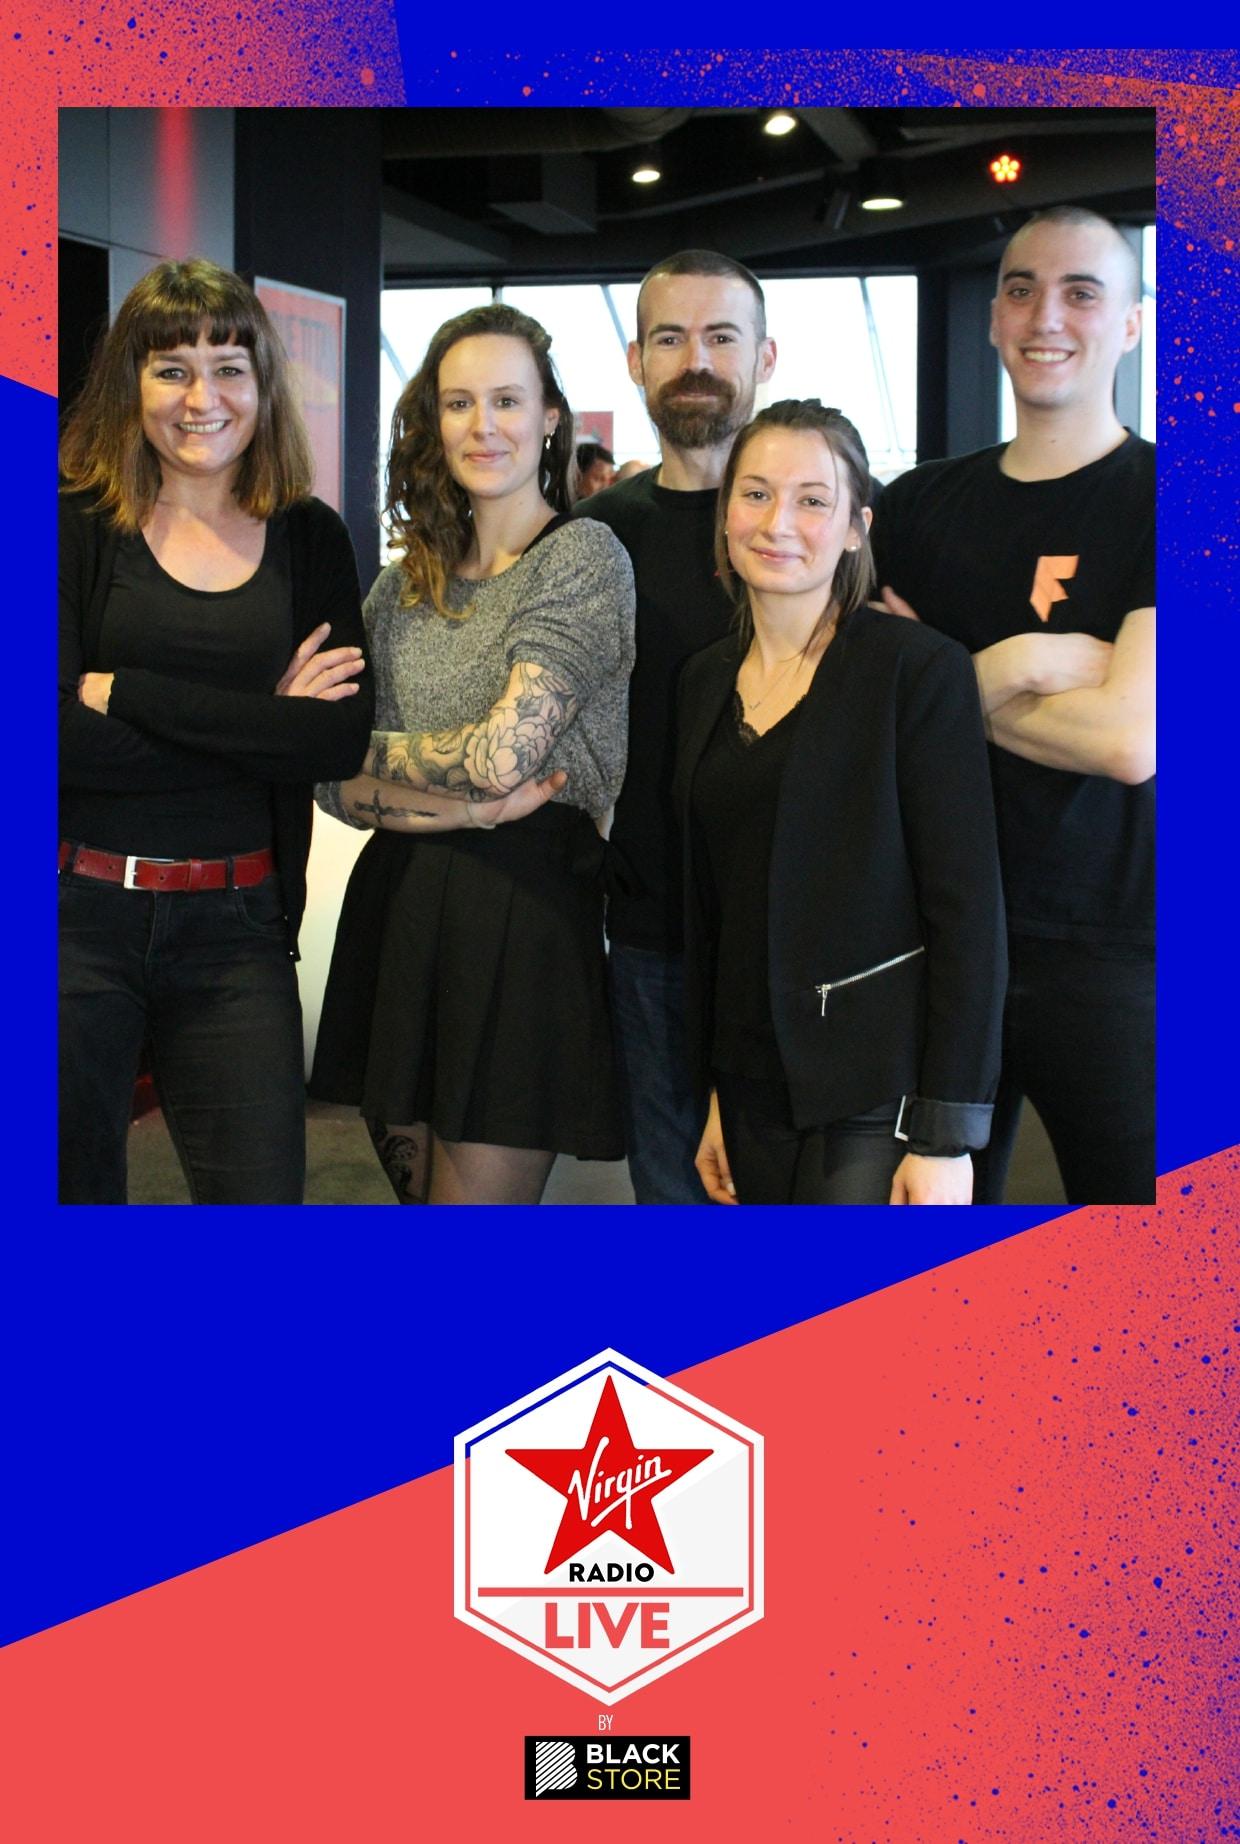 Animation borne selfie et impressions photos au concert privé de Virgin Radio à Nantes en Loire Atlantique en mars 2020